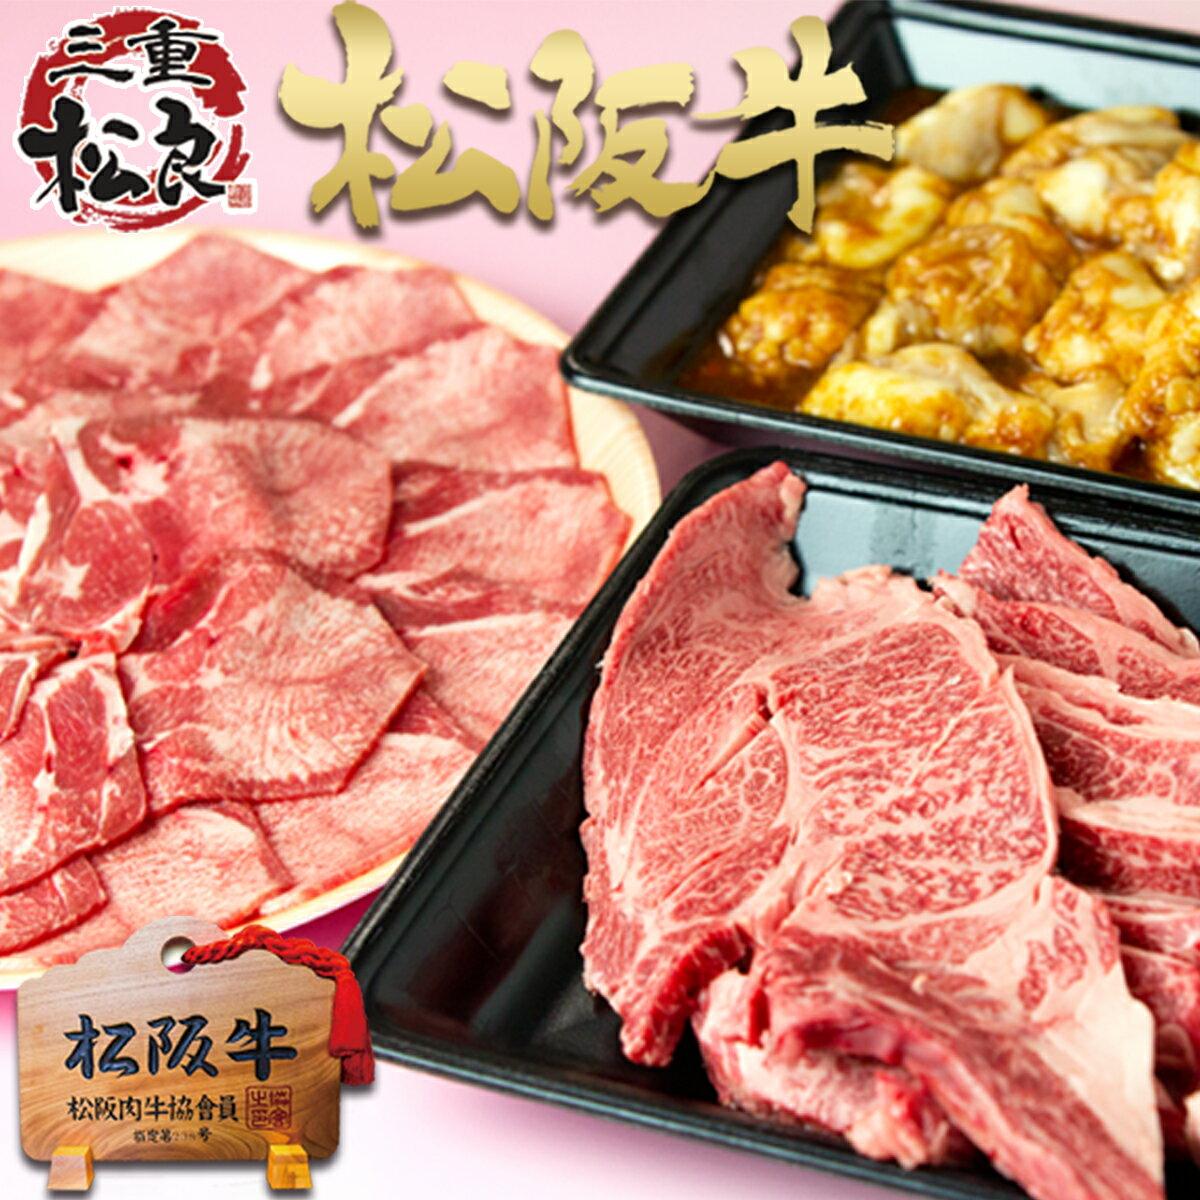 松阪牛 究極のバーベキュー 1.3kg 牛タン ホルモンをセットに!焼肉やBBQ【送料無料】父の日 ギフト プレゼント 母の日 令和